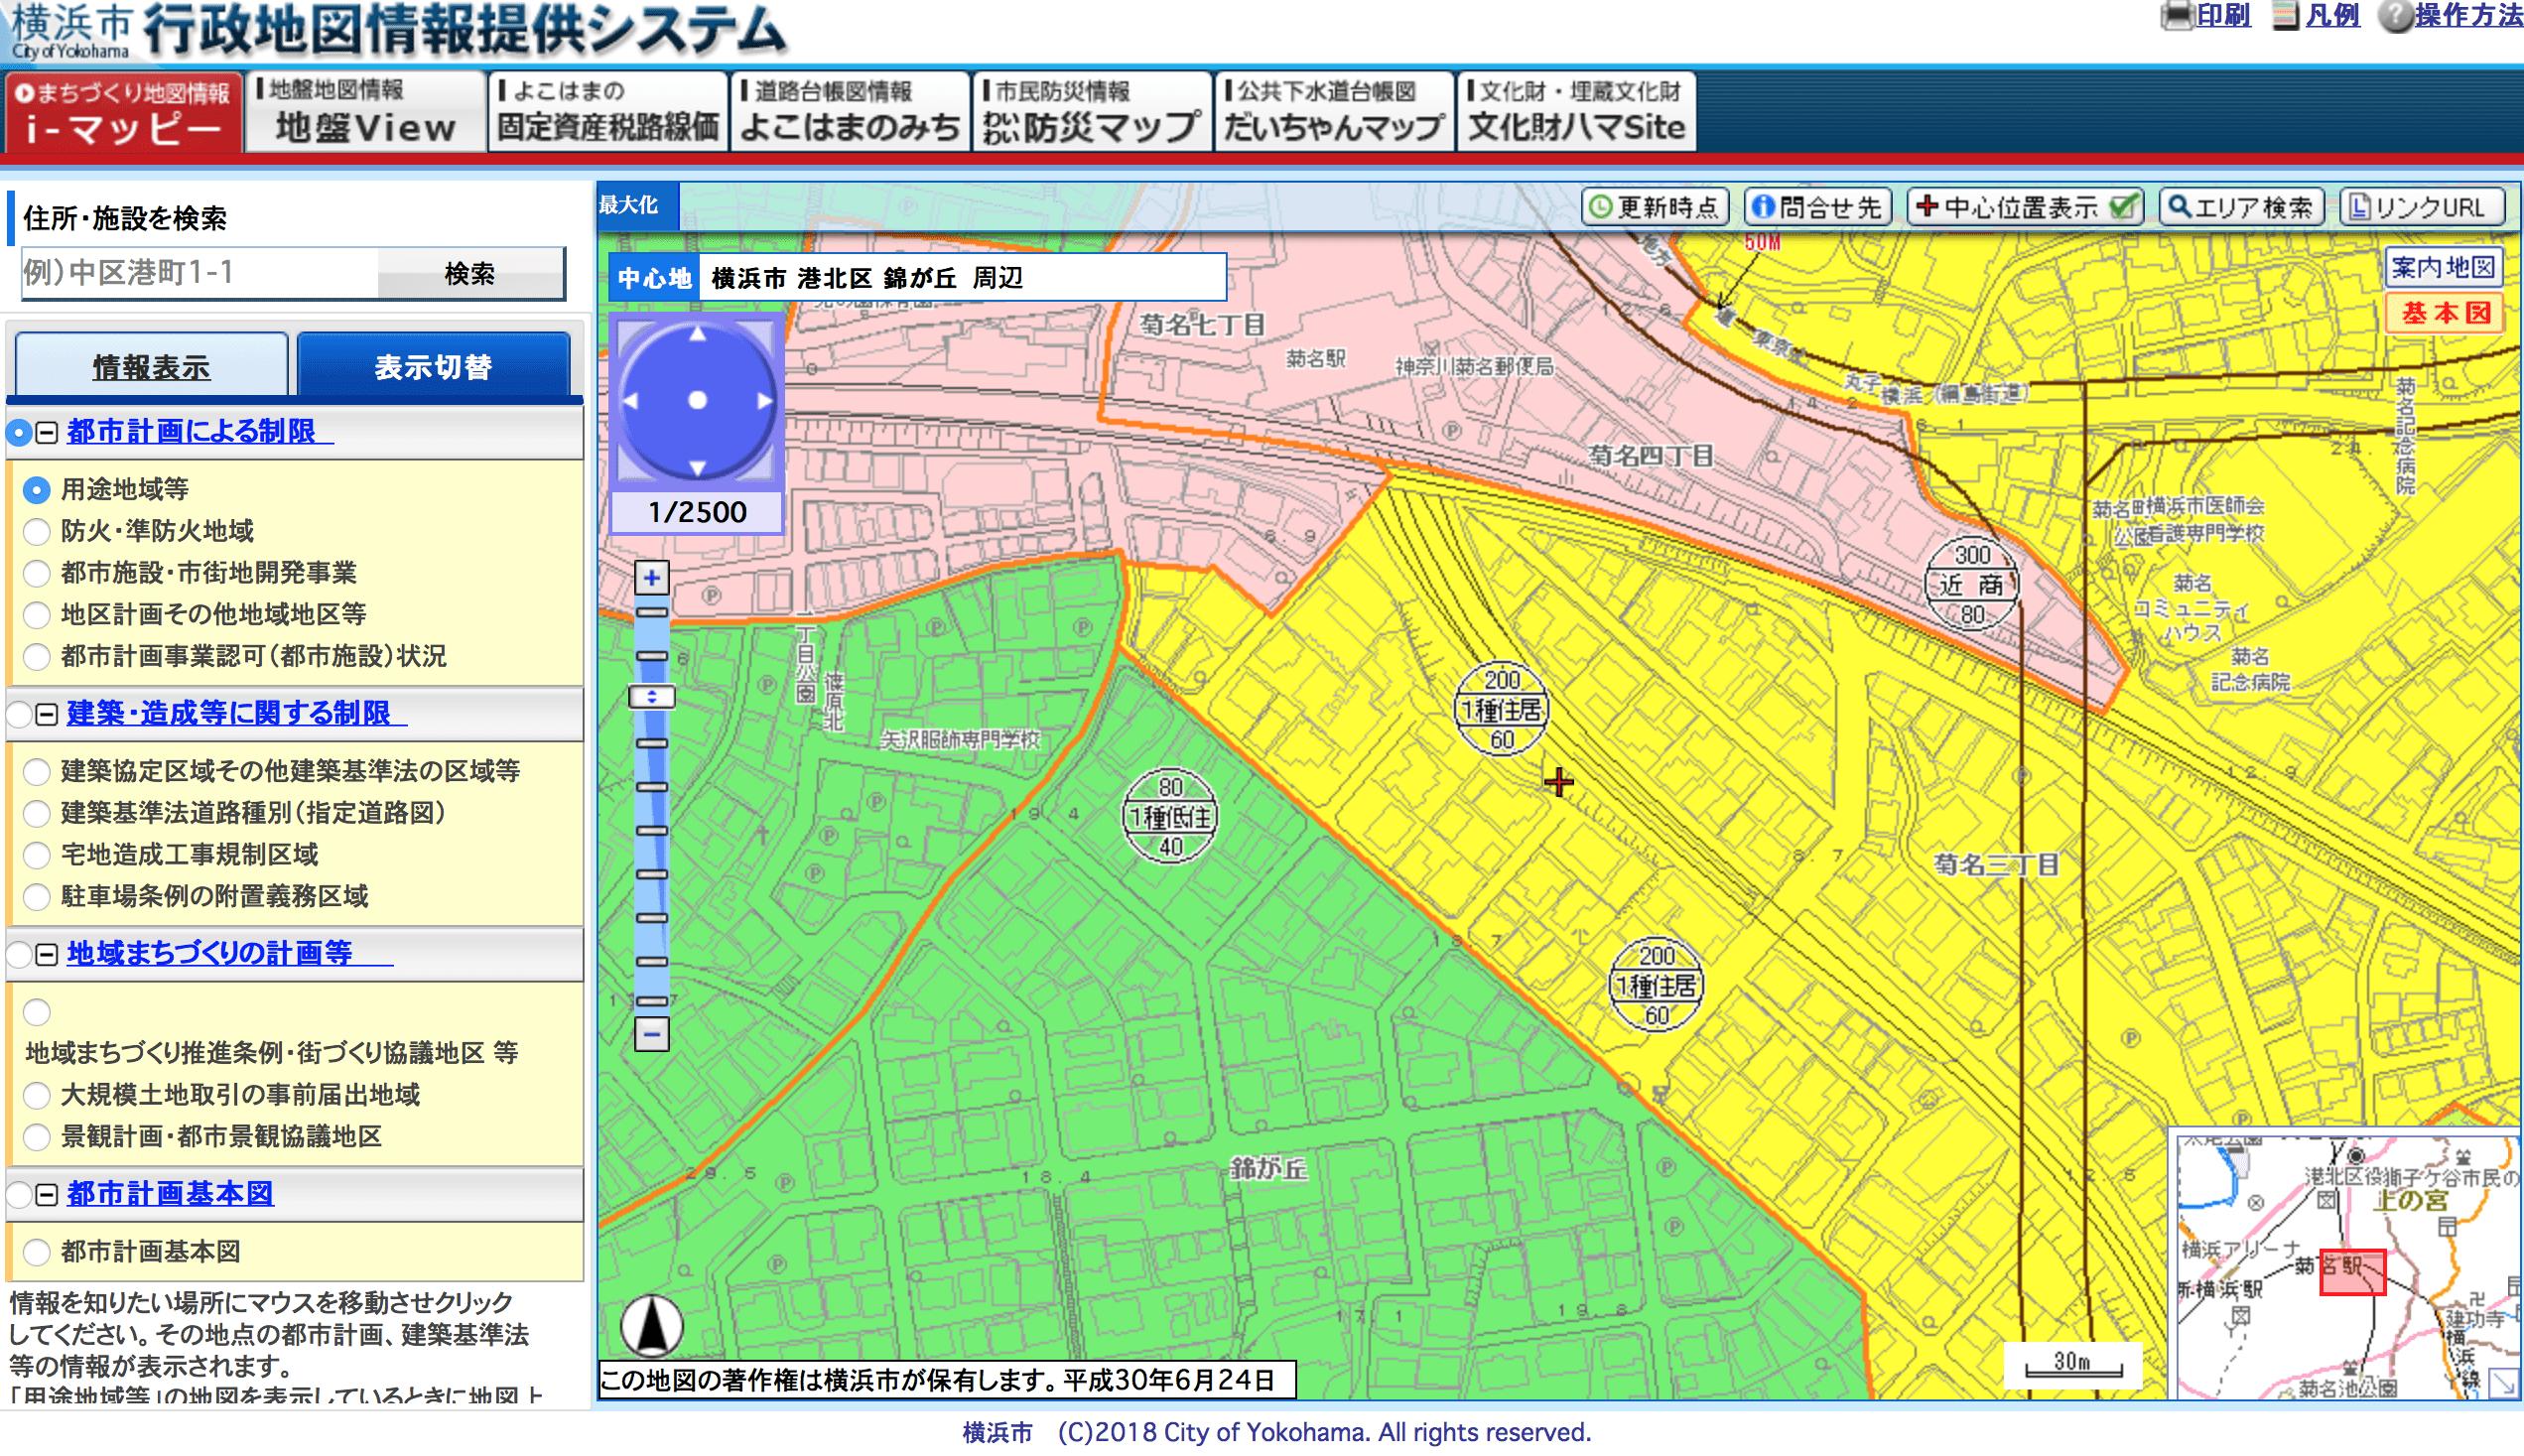 土地を買う前に都市計画図を見てみる